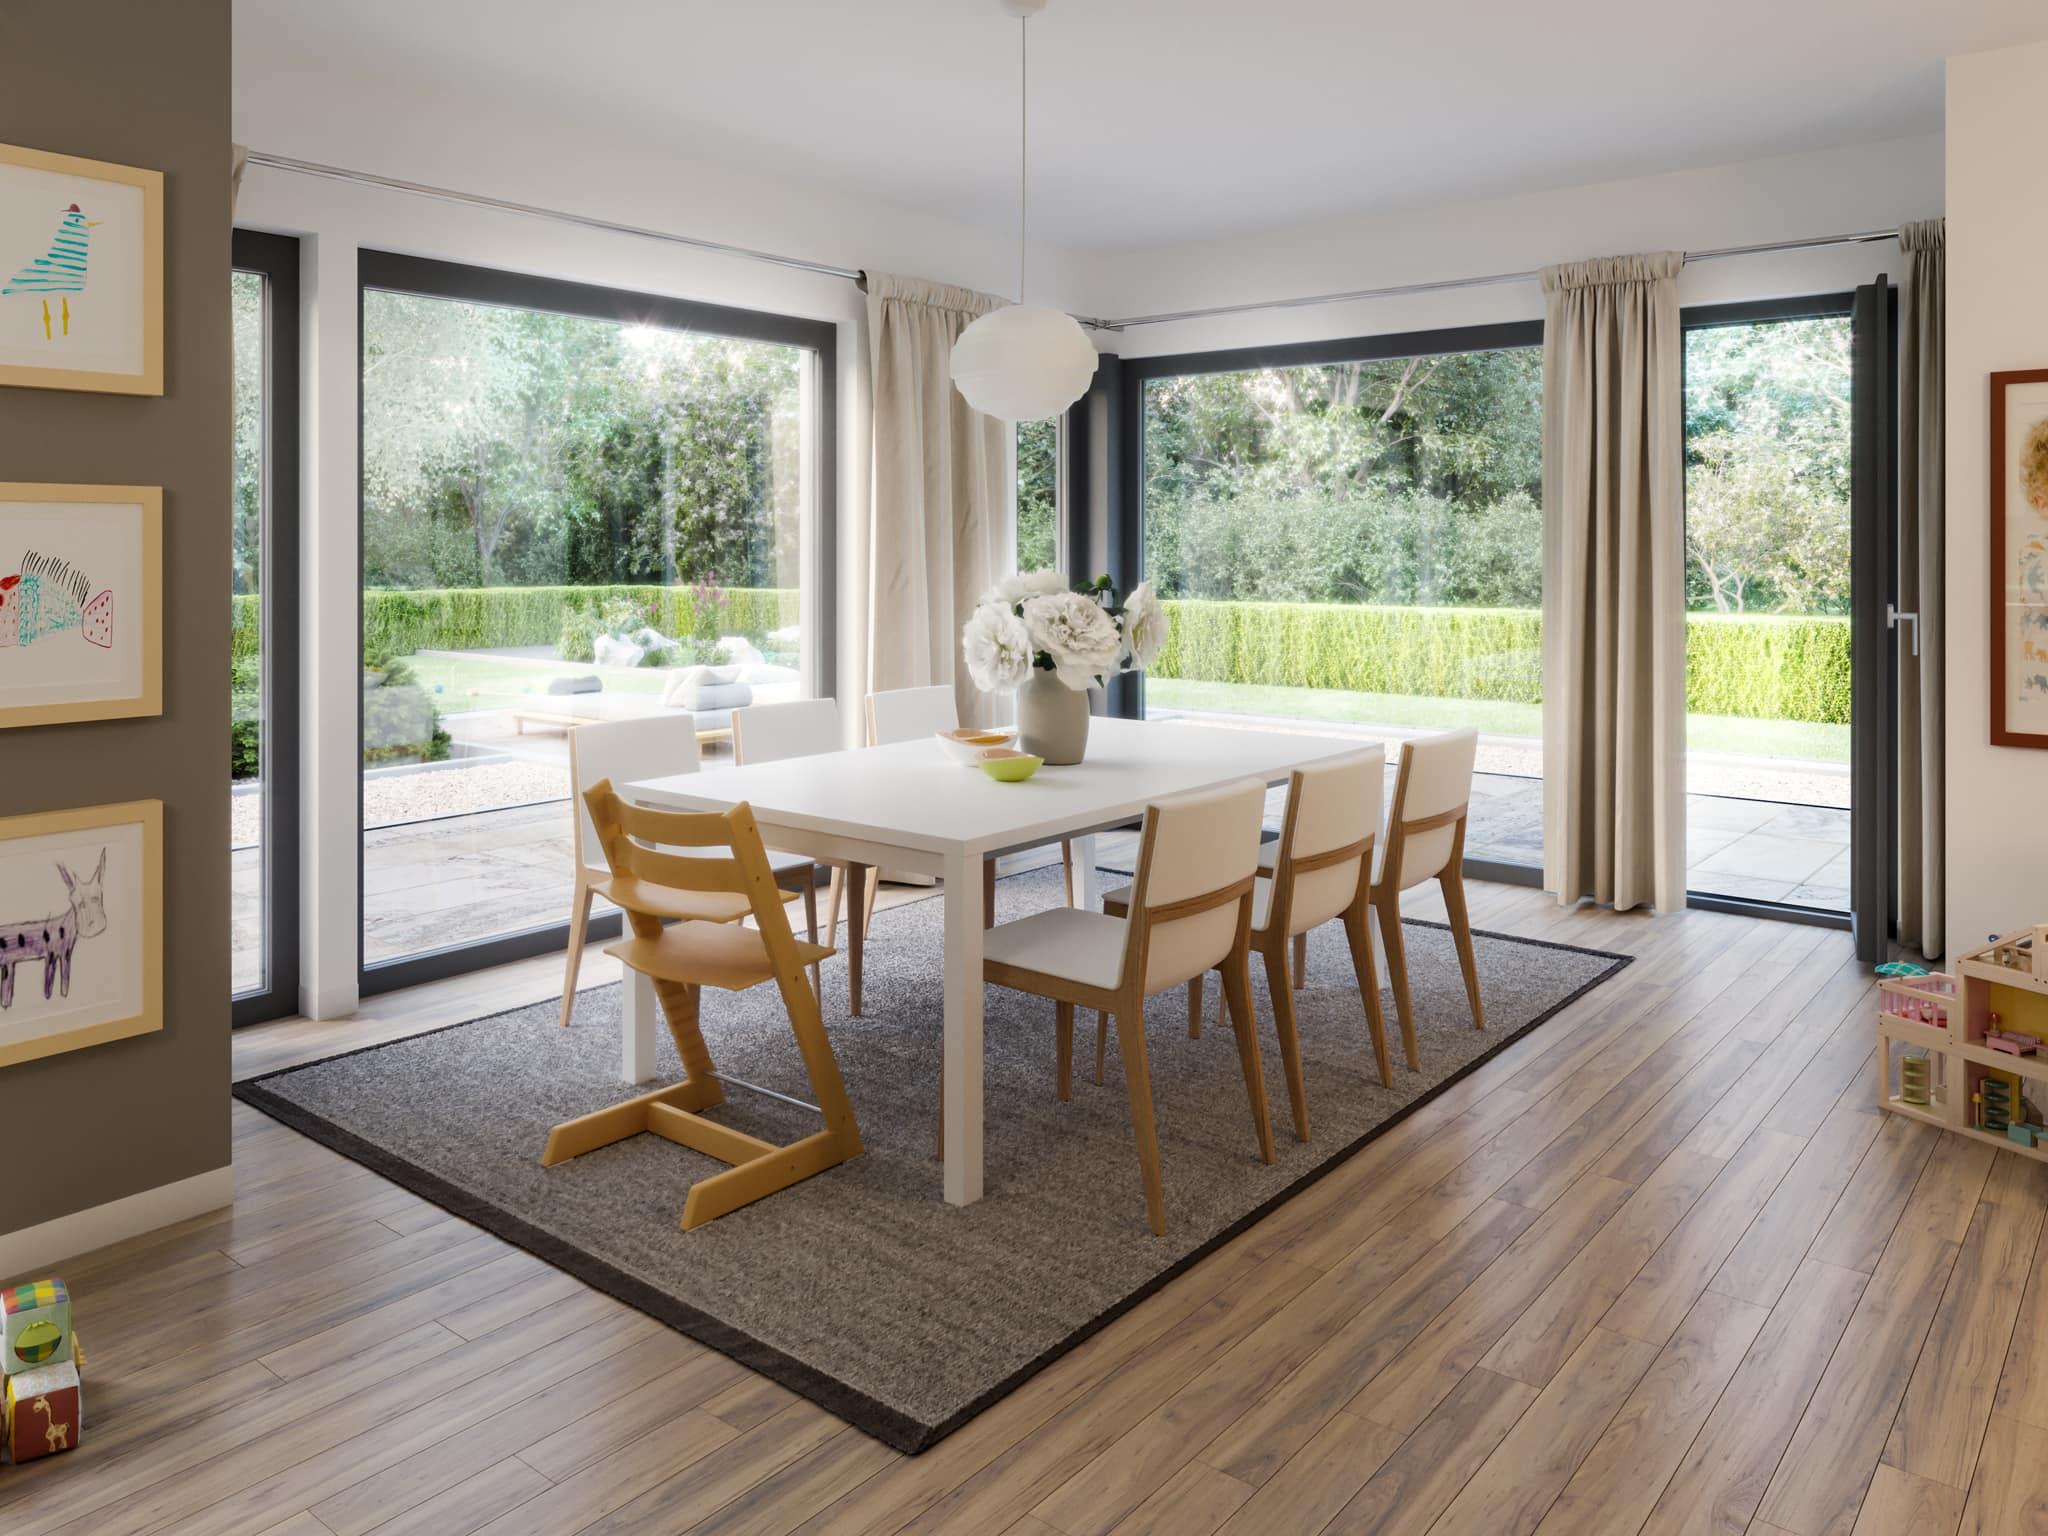 Helles Esszimmer mit großen Fenstern - Ideen Inneneinrichtung Fertighaus SUNSHINE 144 V5 Living Haus - HausbauDirekt.de